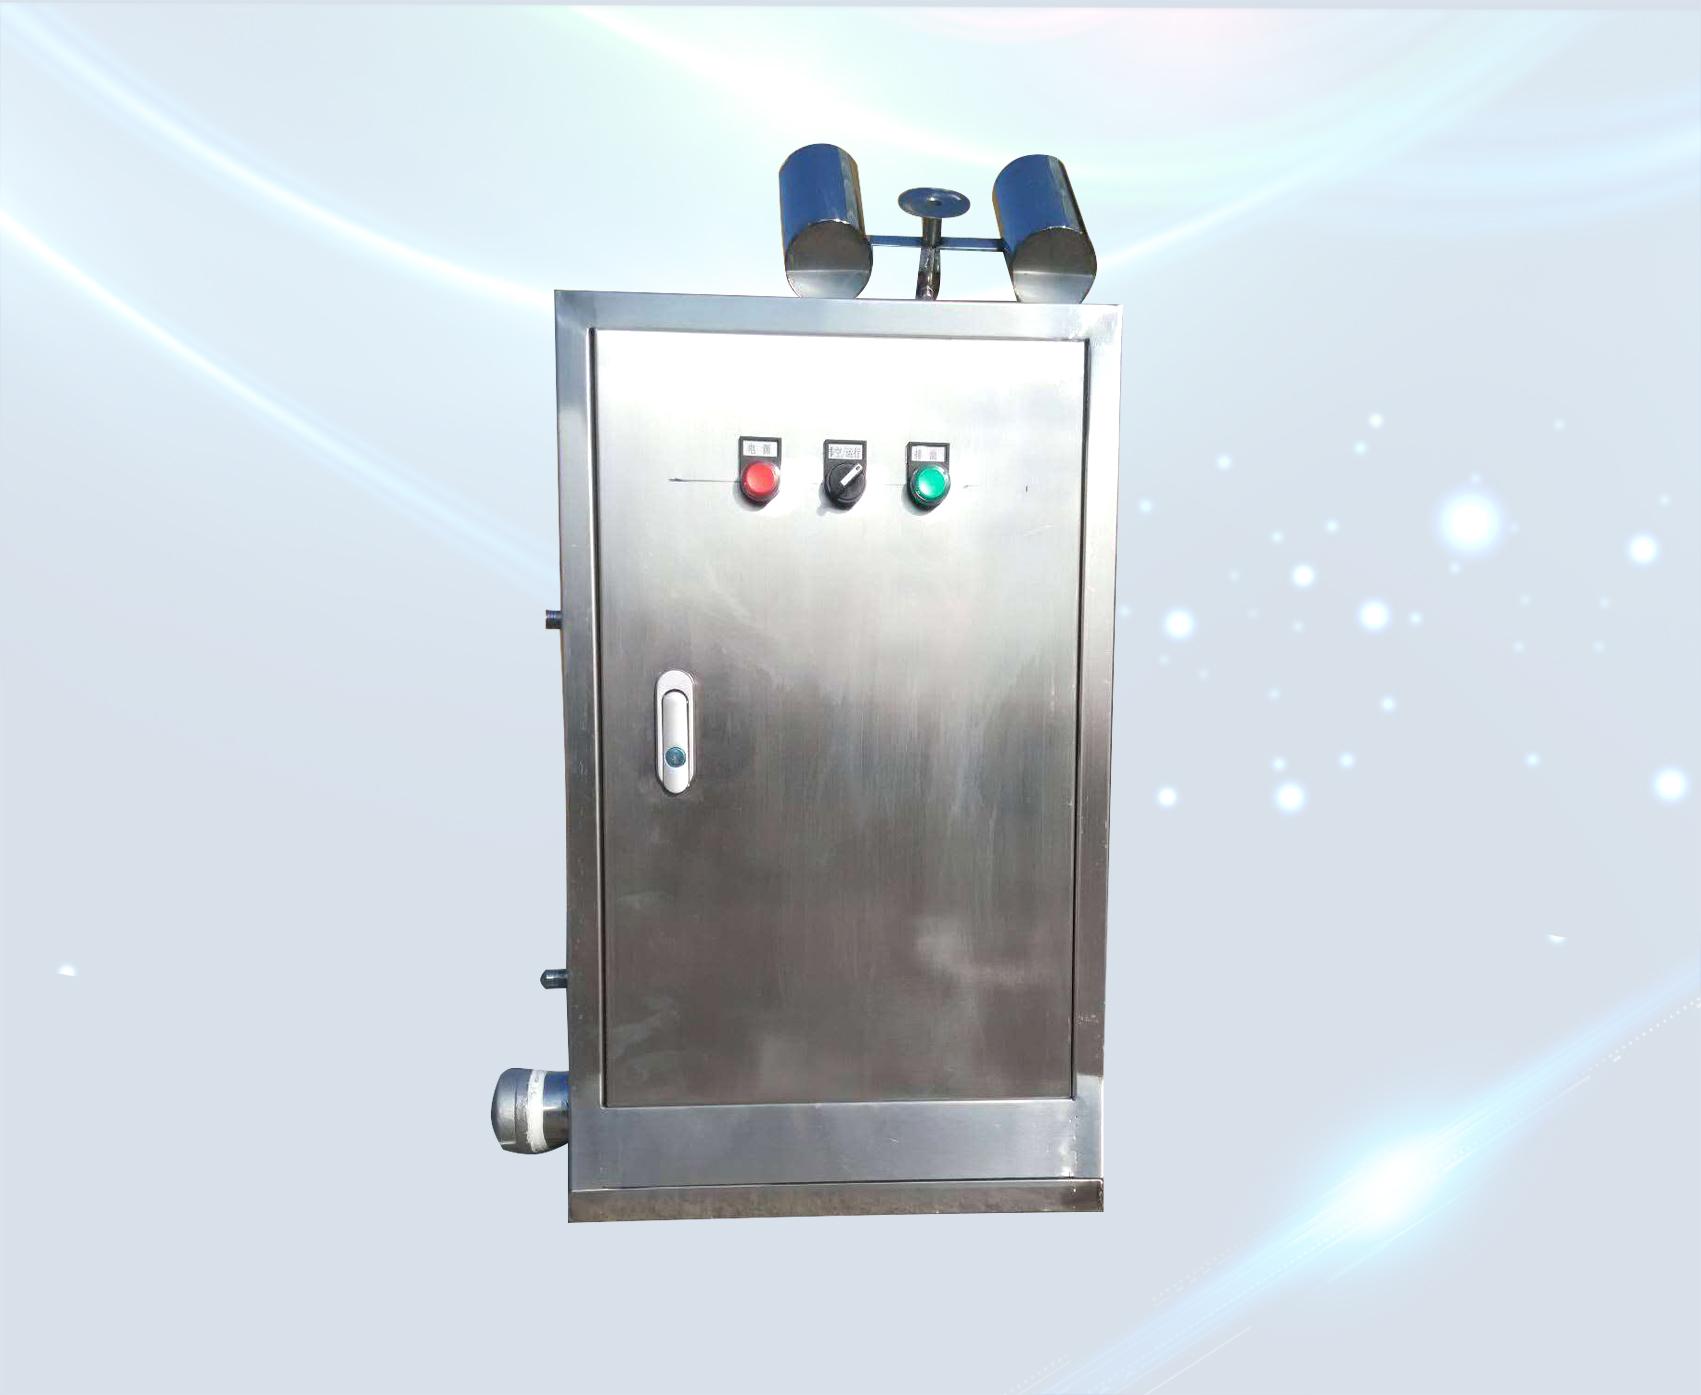 微型浮油回收机、微型涡旋浮油收集器、冷却液浮油收集器、切削液浮油收集器、清洗液浮油收集器